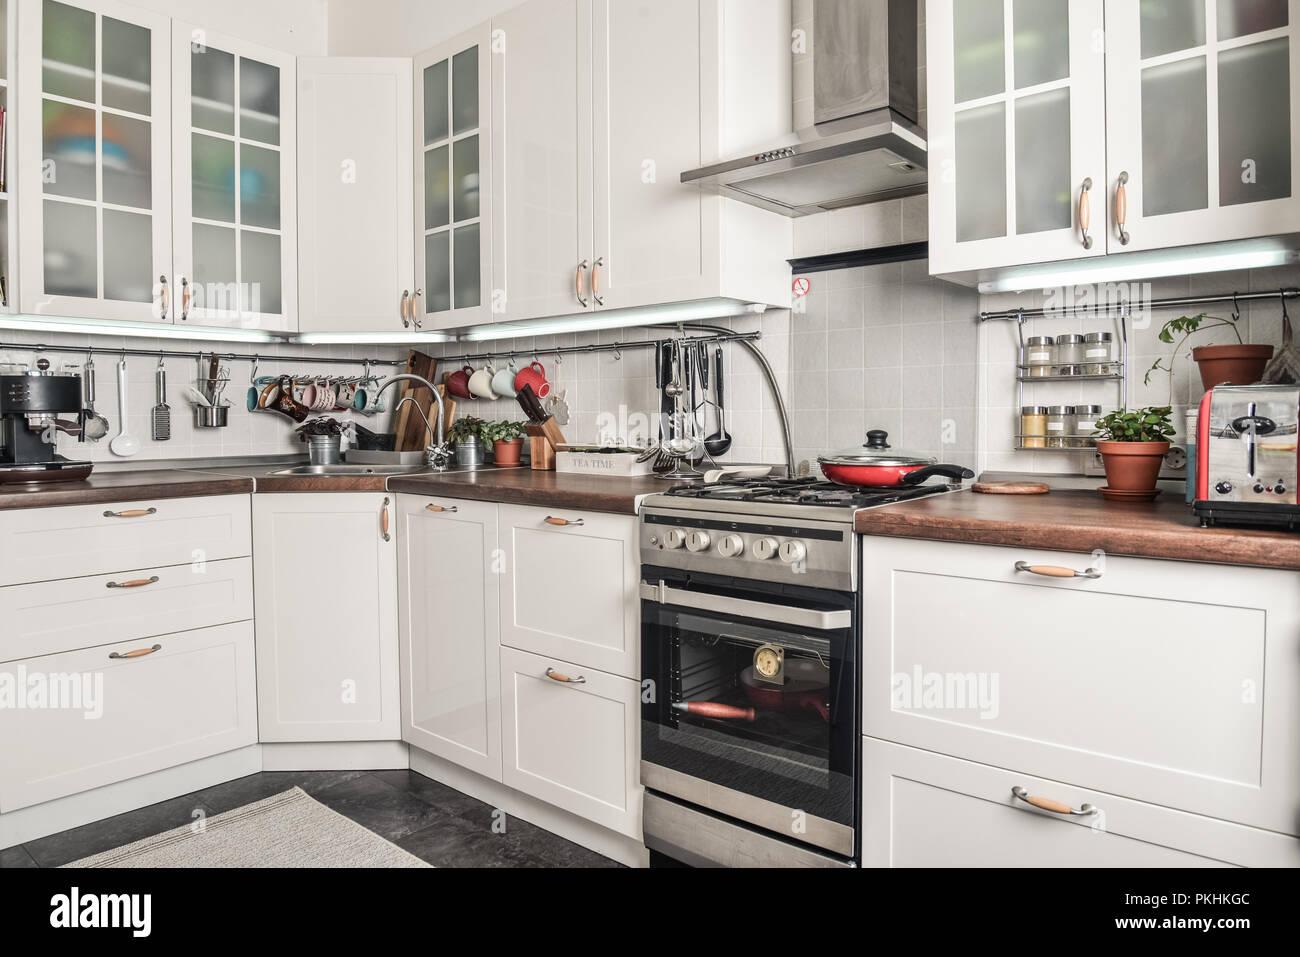 Sehr Innenraum der Küche im skandinavischen Stil mit weißen Möbeln und DN76